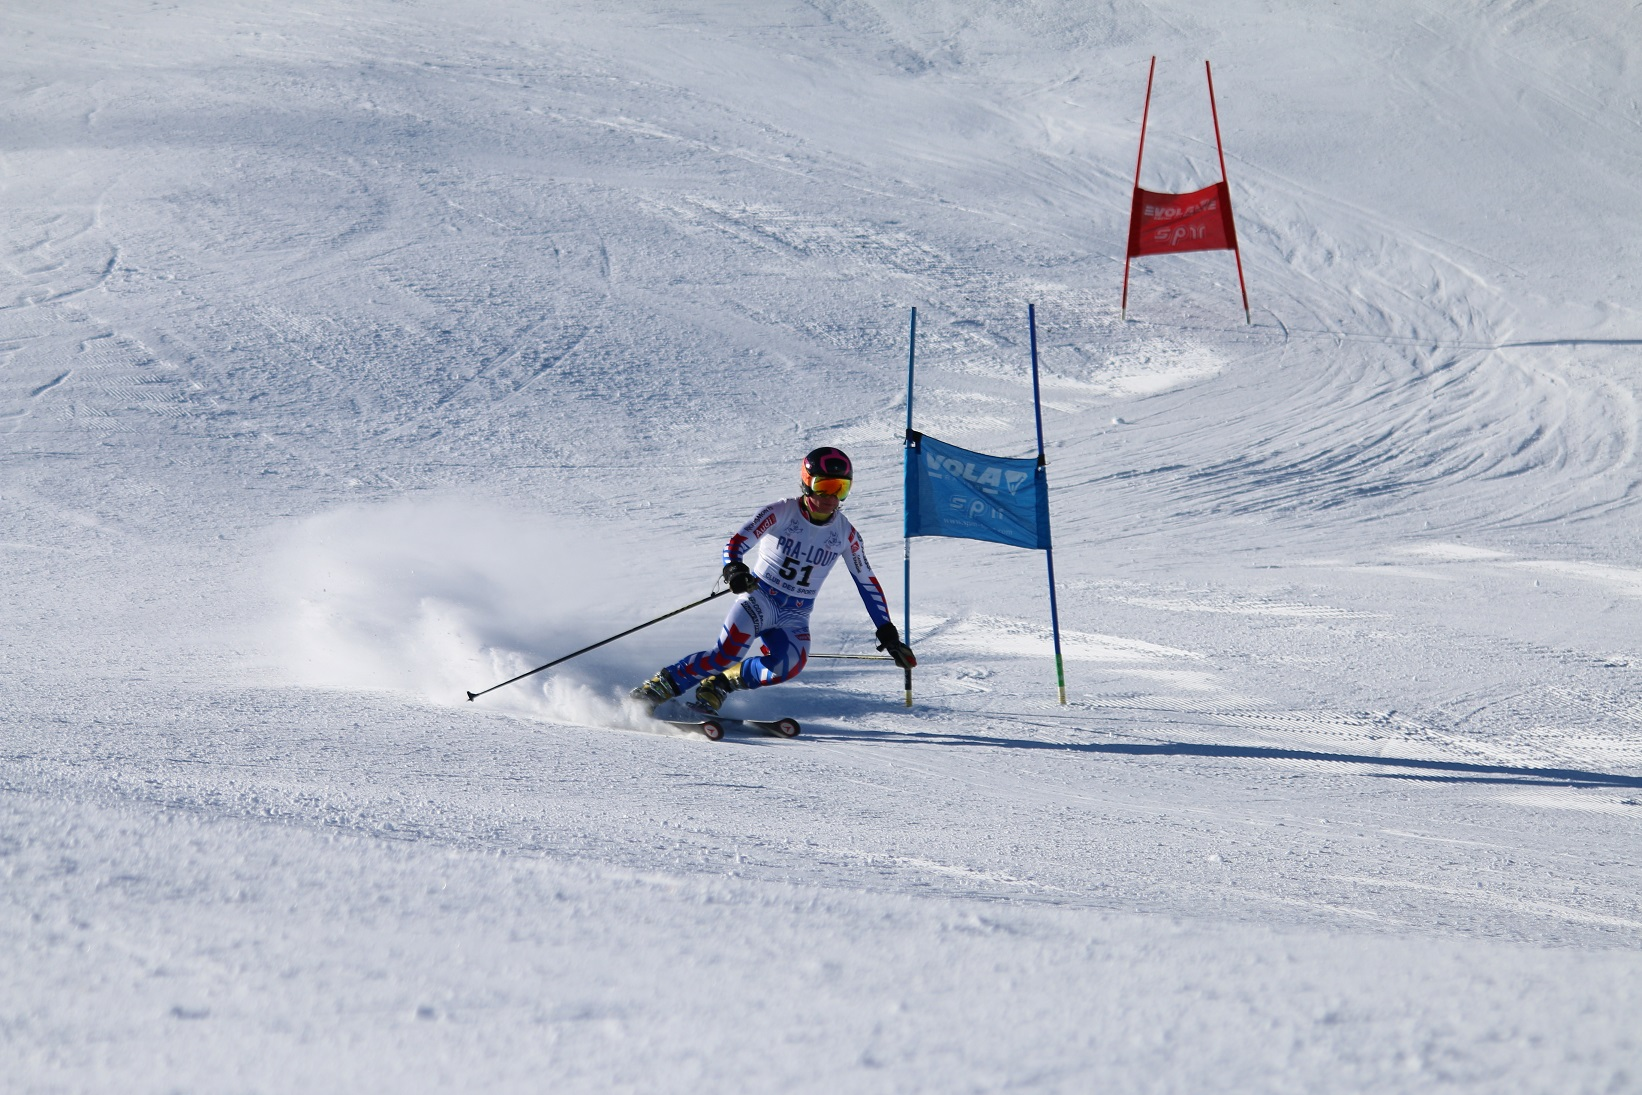 Coupe du monde de Télémark à Pra Loup du 29 janvier au 1er février 2019